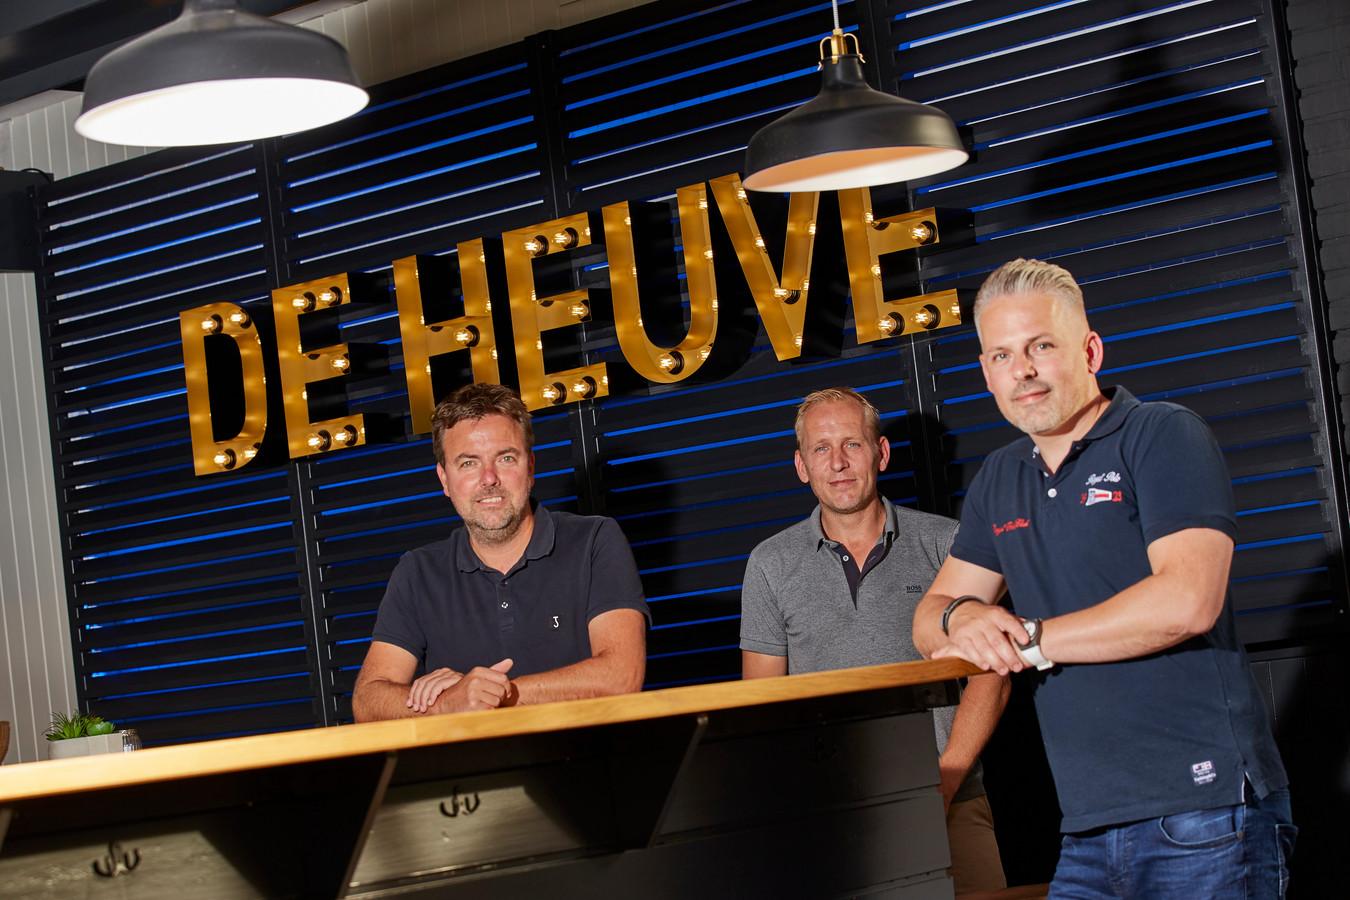 Het gaat goed met voetbalvereniging De Hoven. Drie bestuursleden (vlnr) Wilber de Heus, Dave Hiddink en Niels de Graaf zijn trots op hun club.